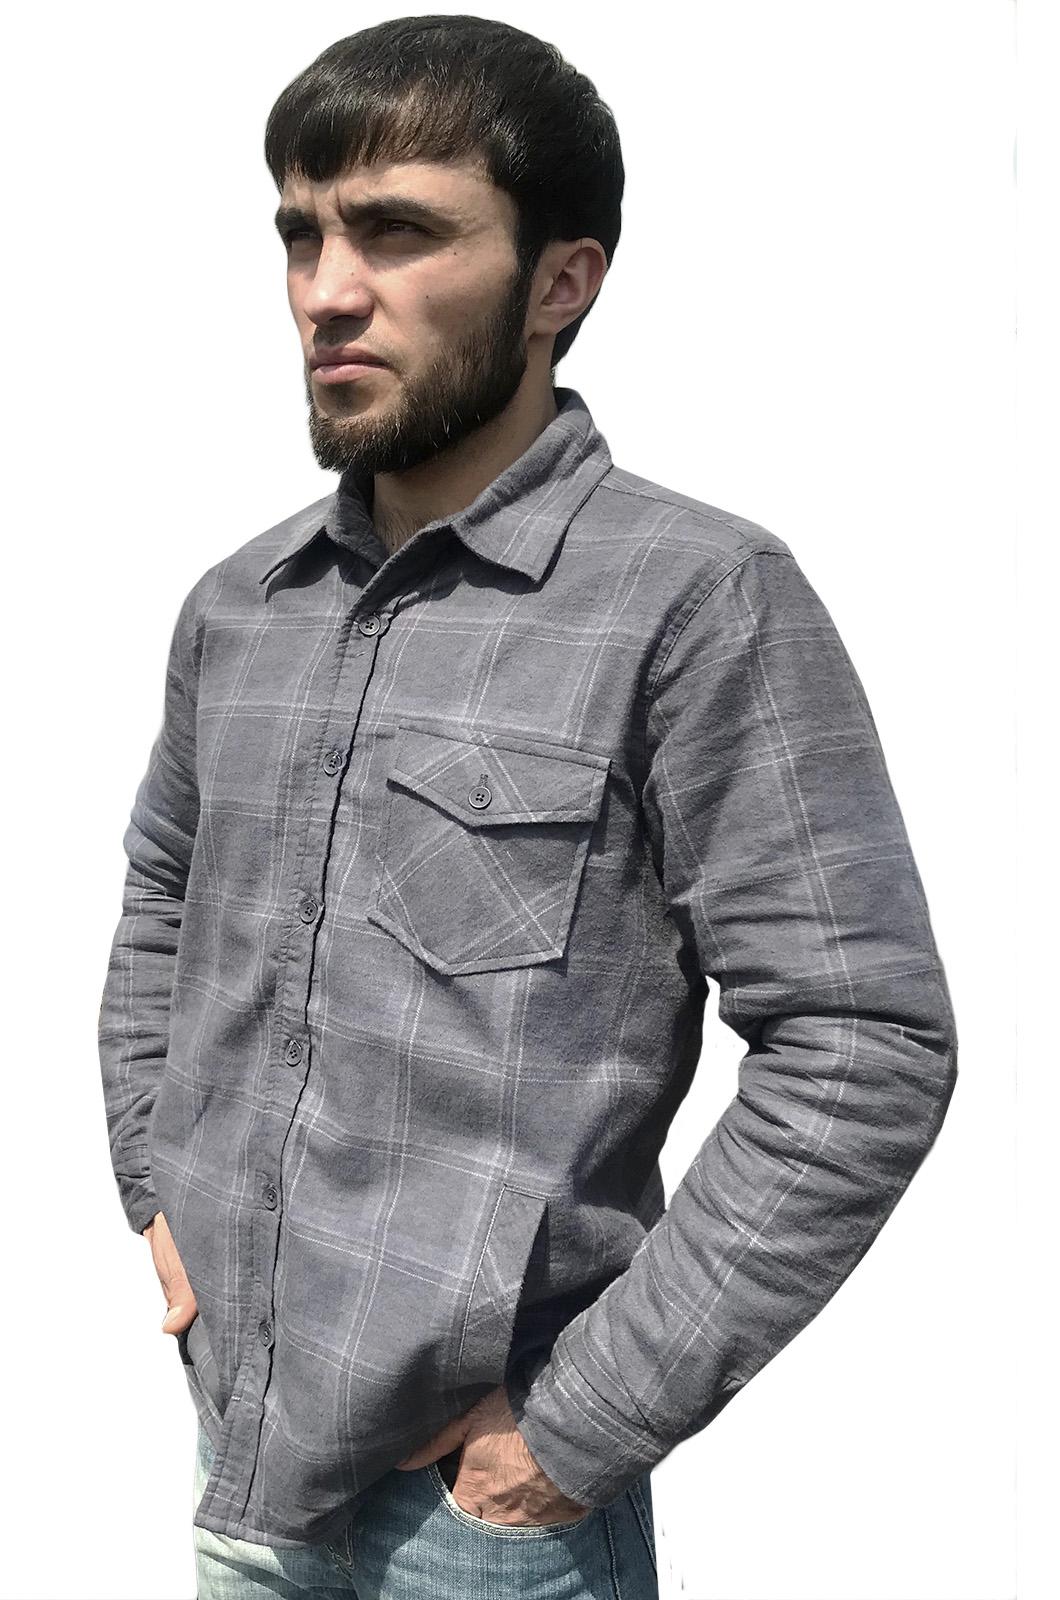 Мужская рубашка в клетку для морпеха купить в подарок